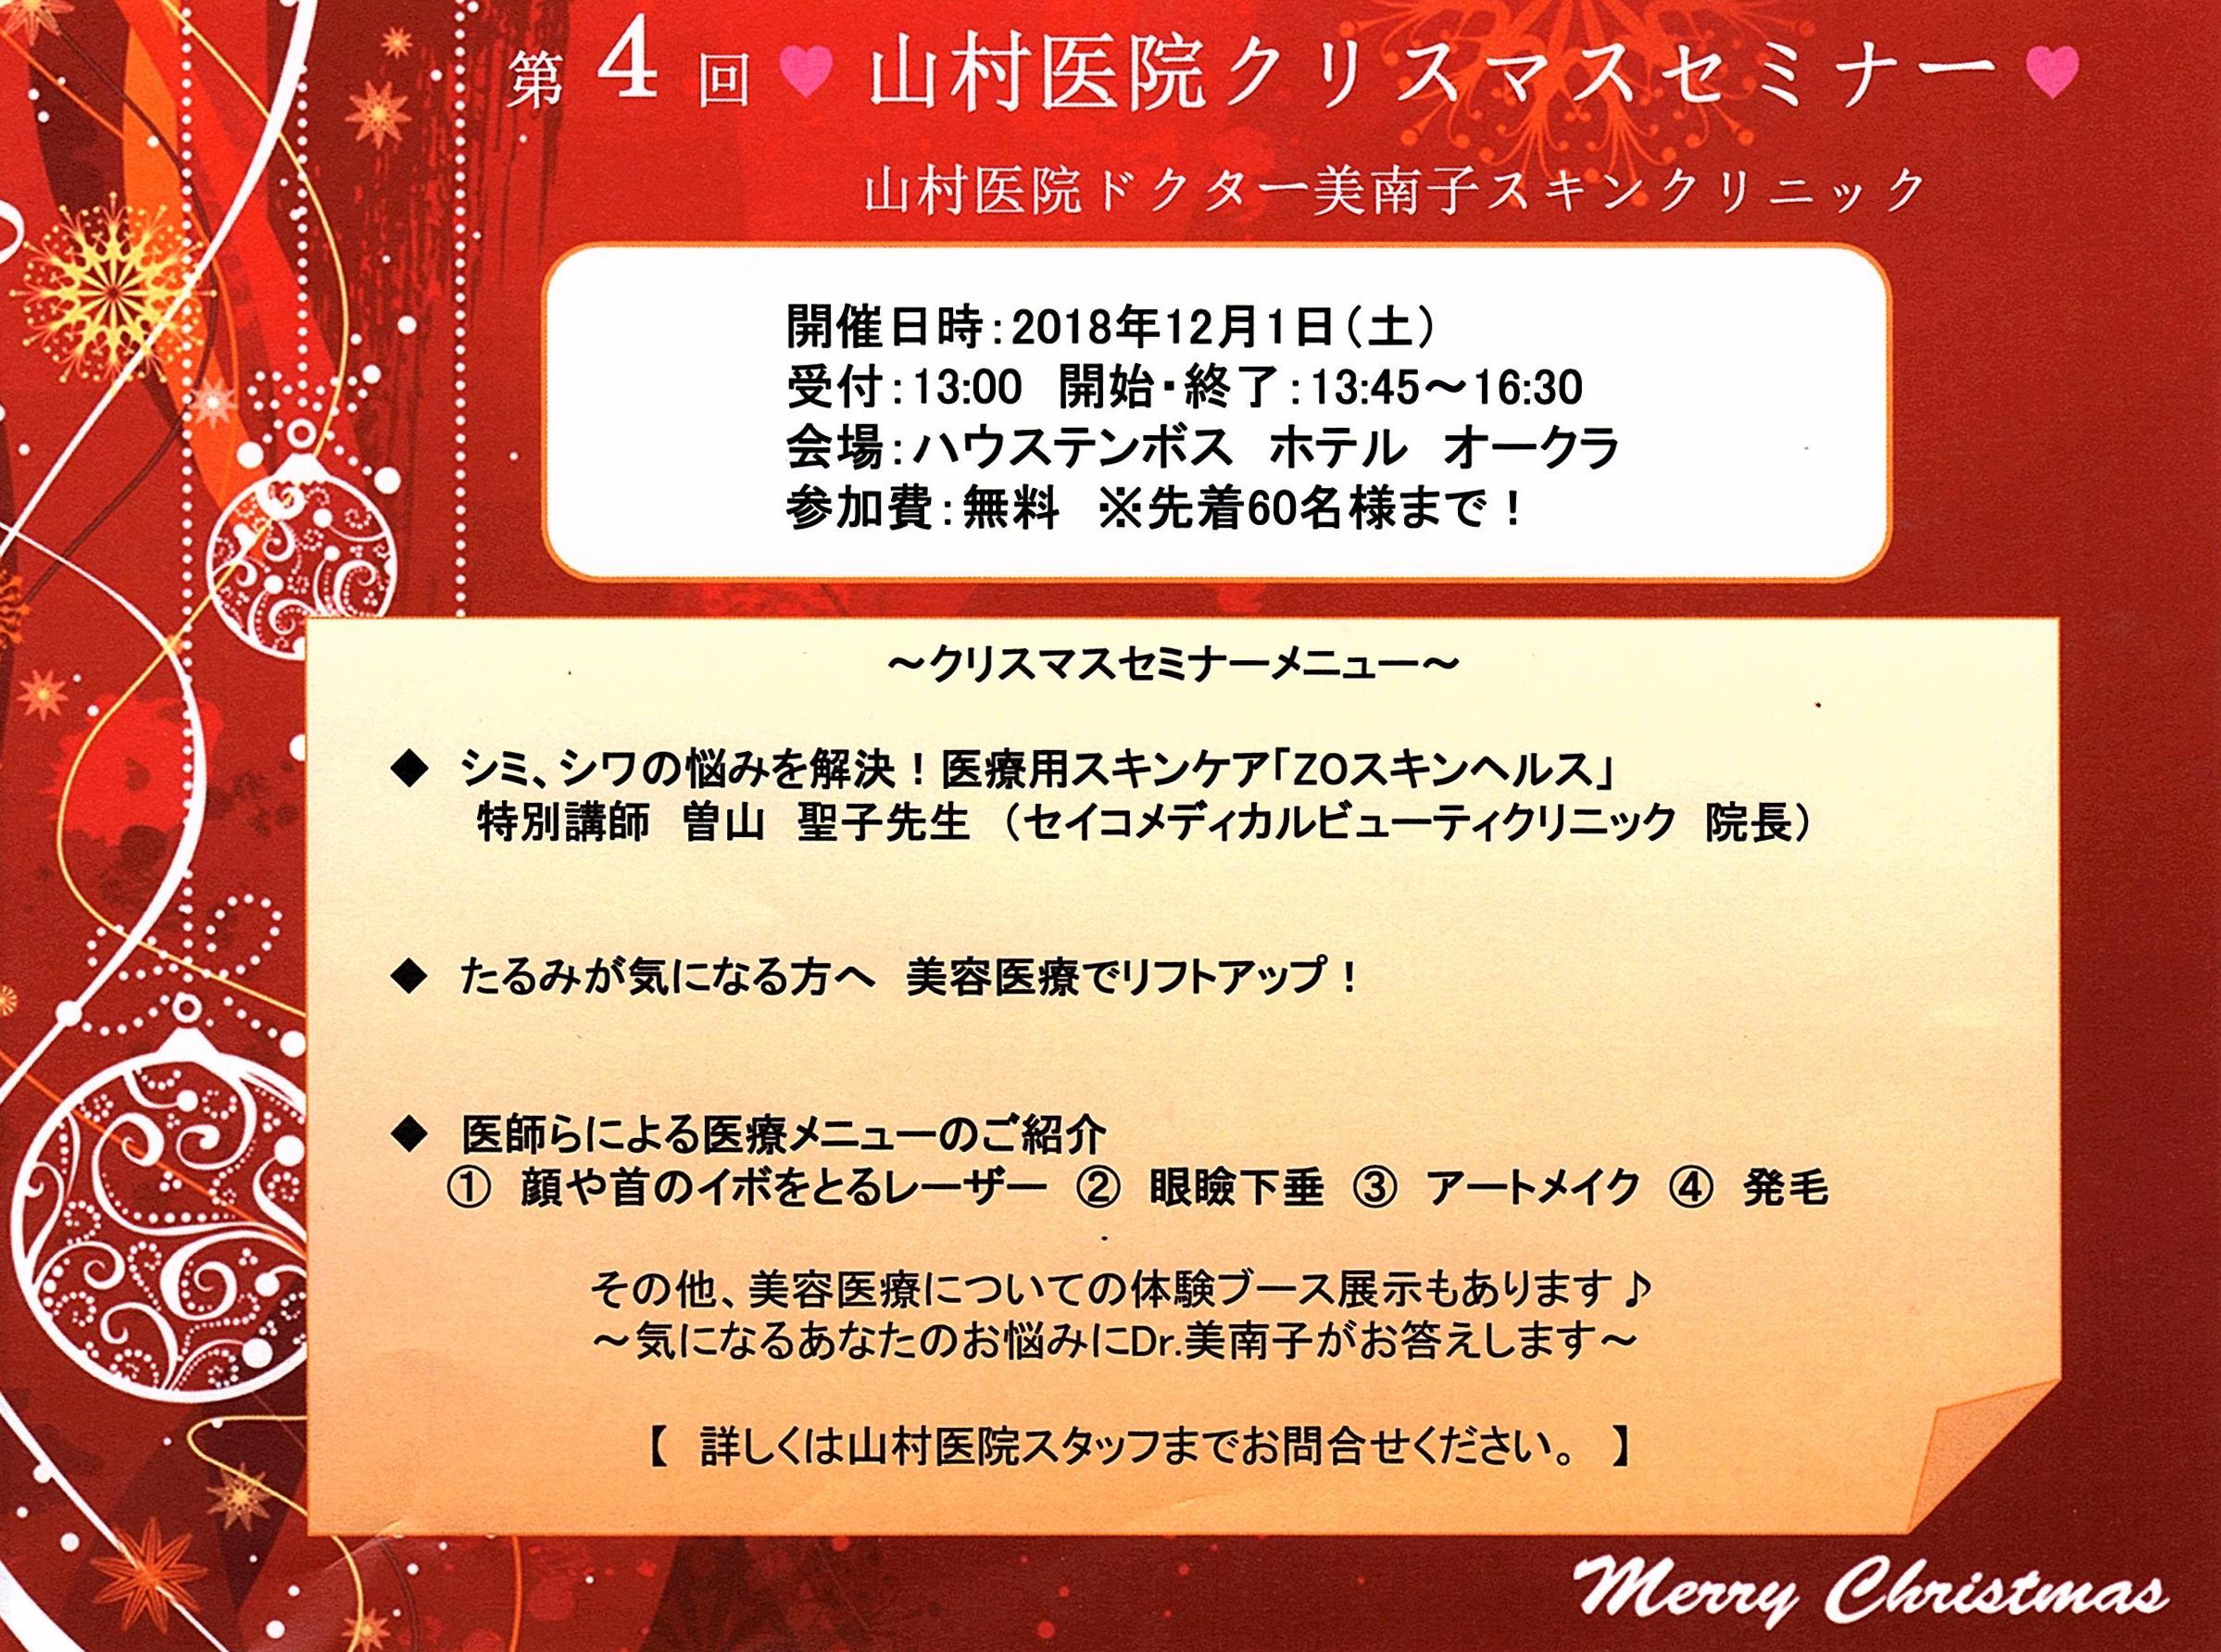 山村医院クリスマスセミナー